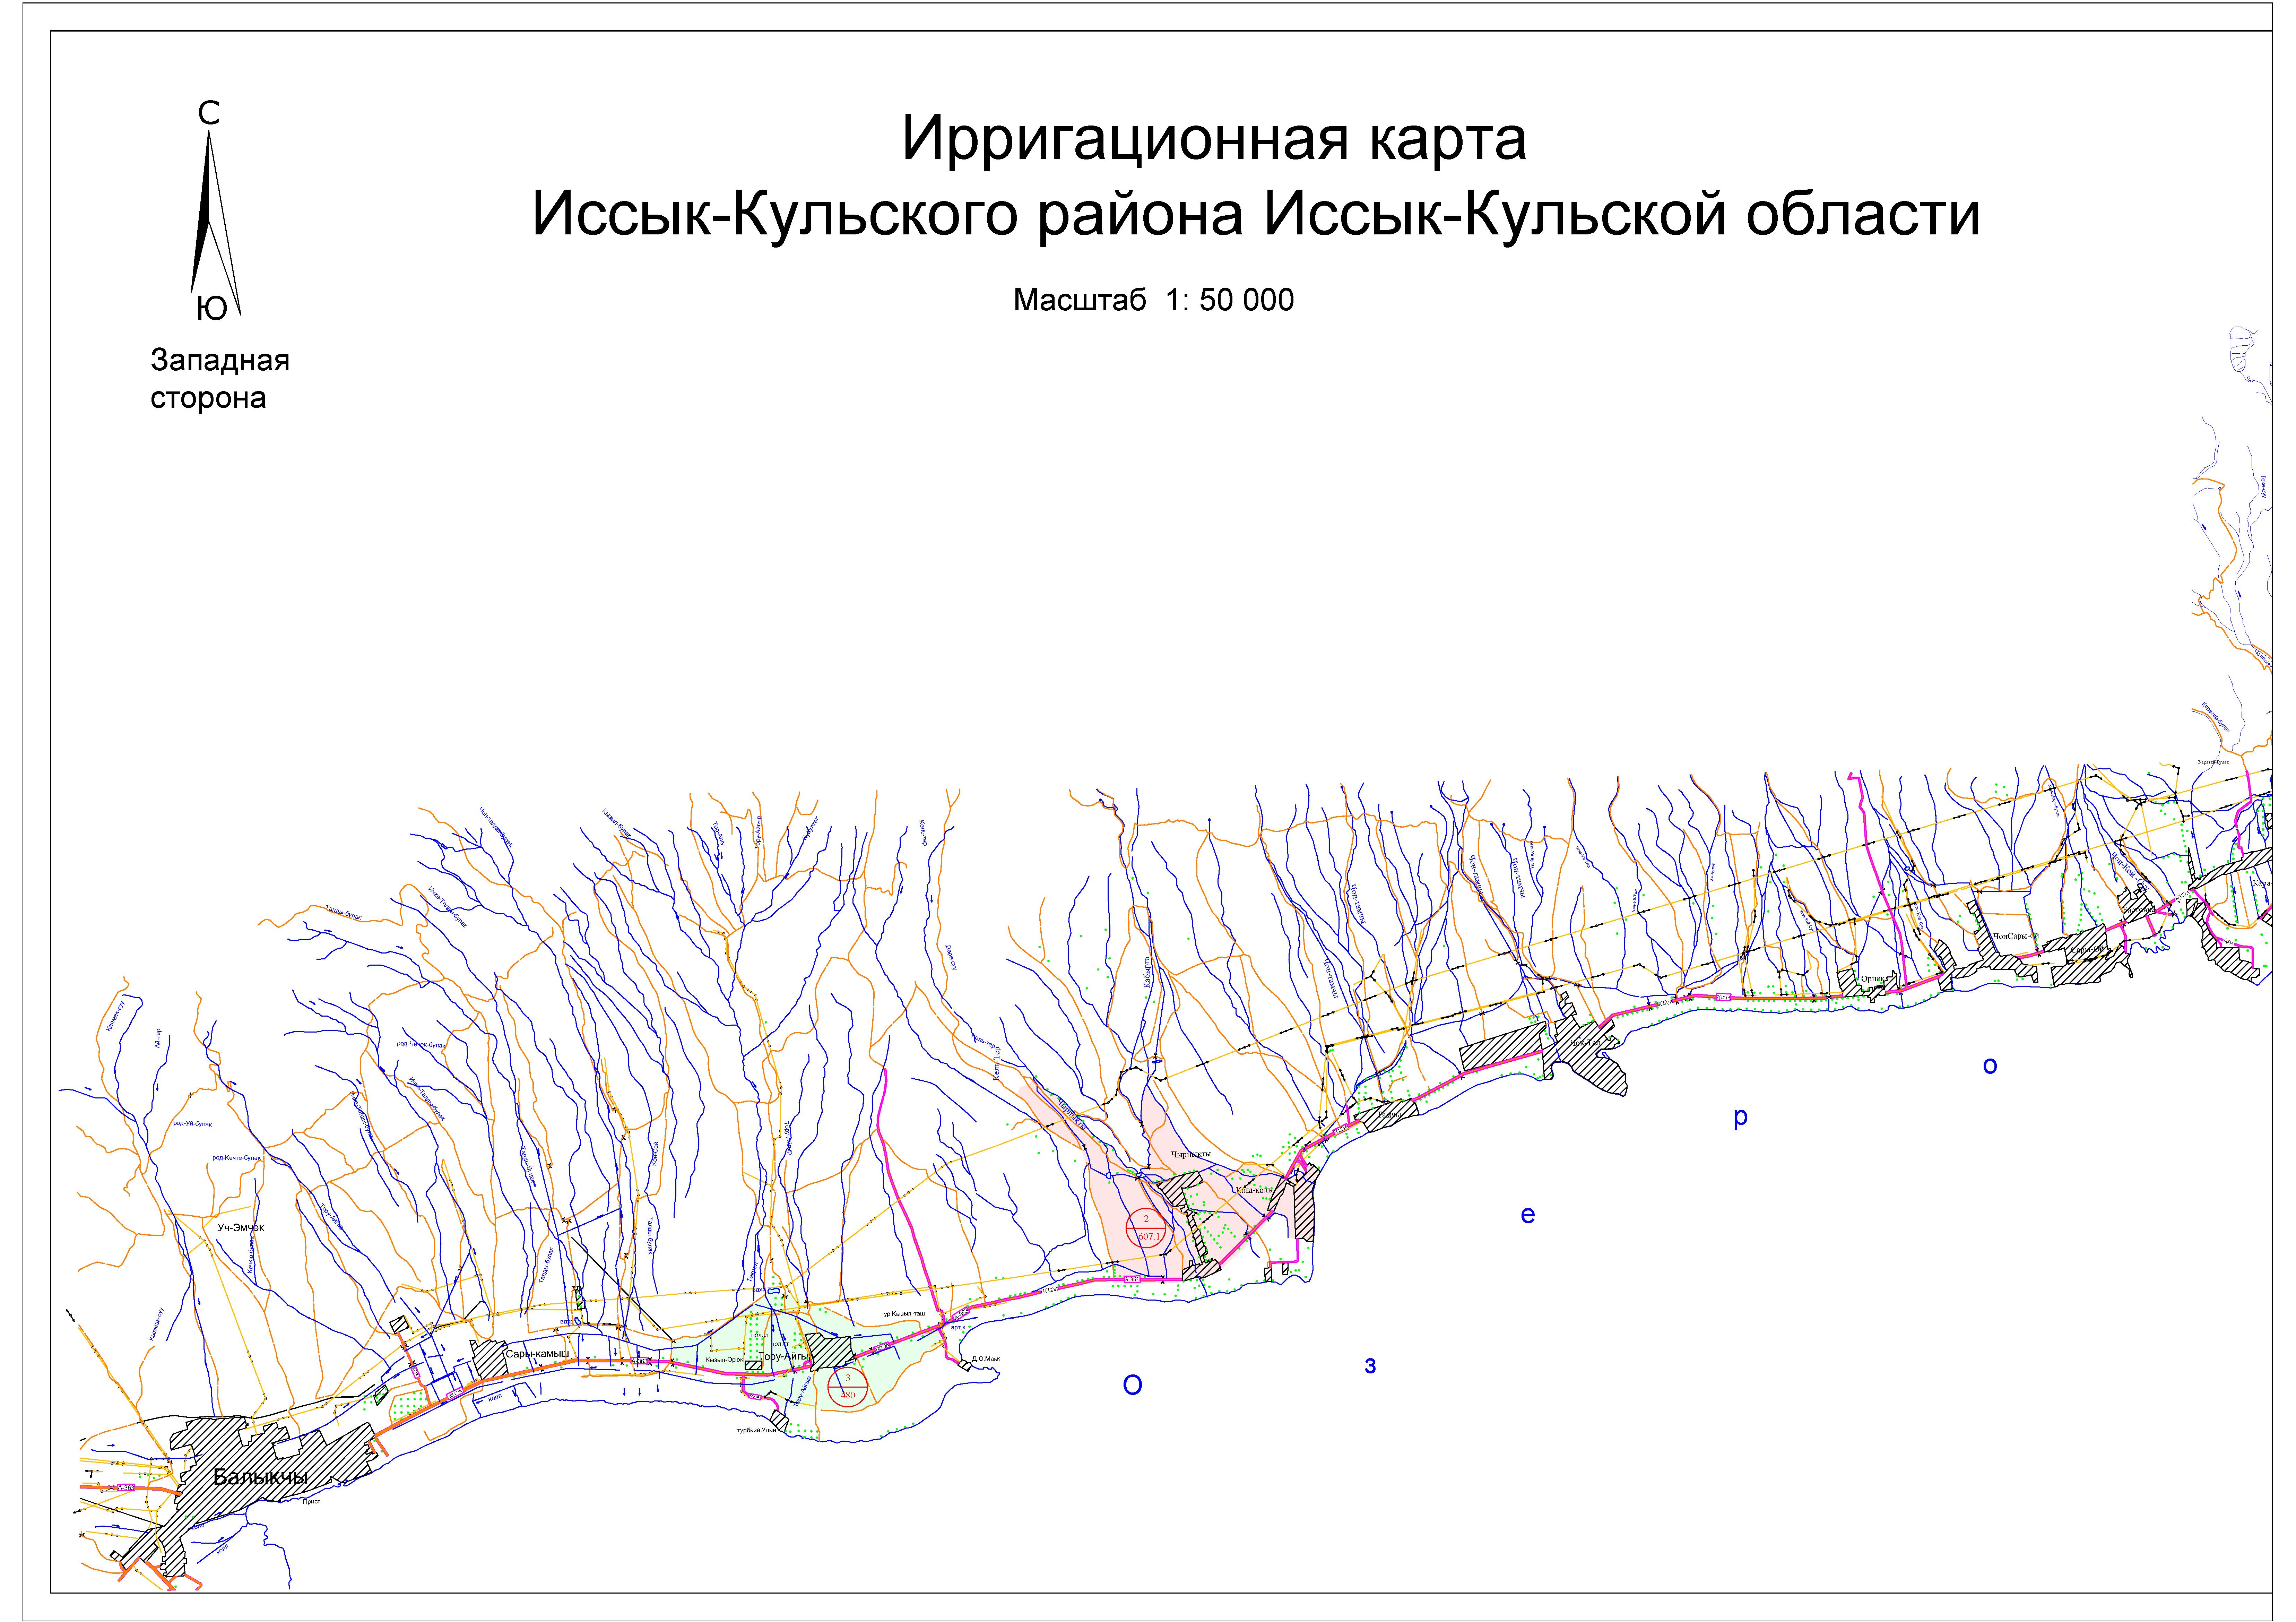 Иссык-Кульский район-Западная сторона